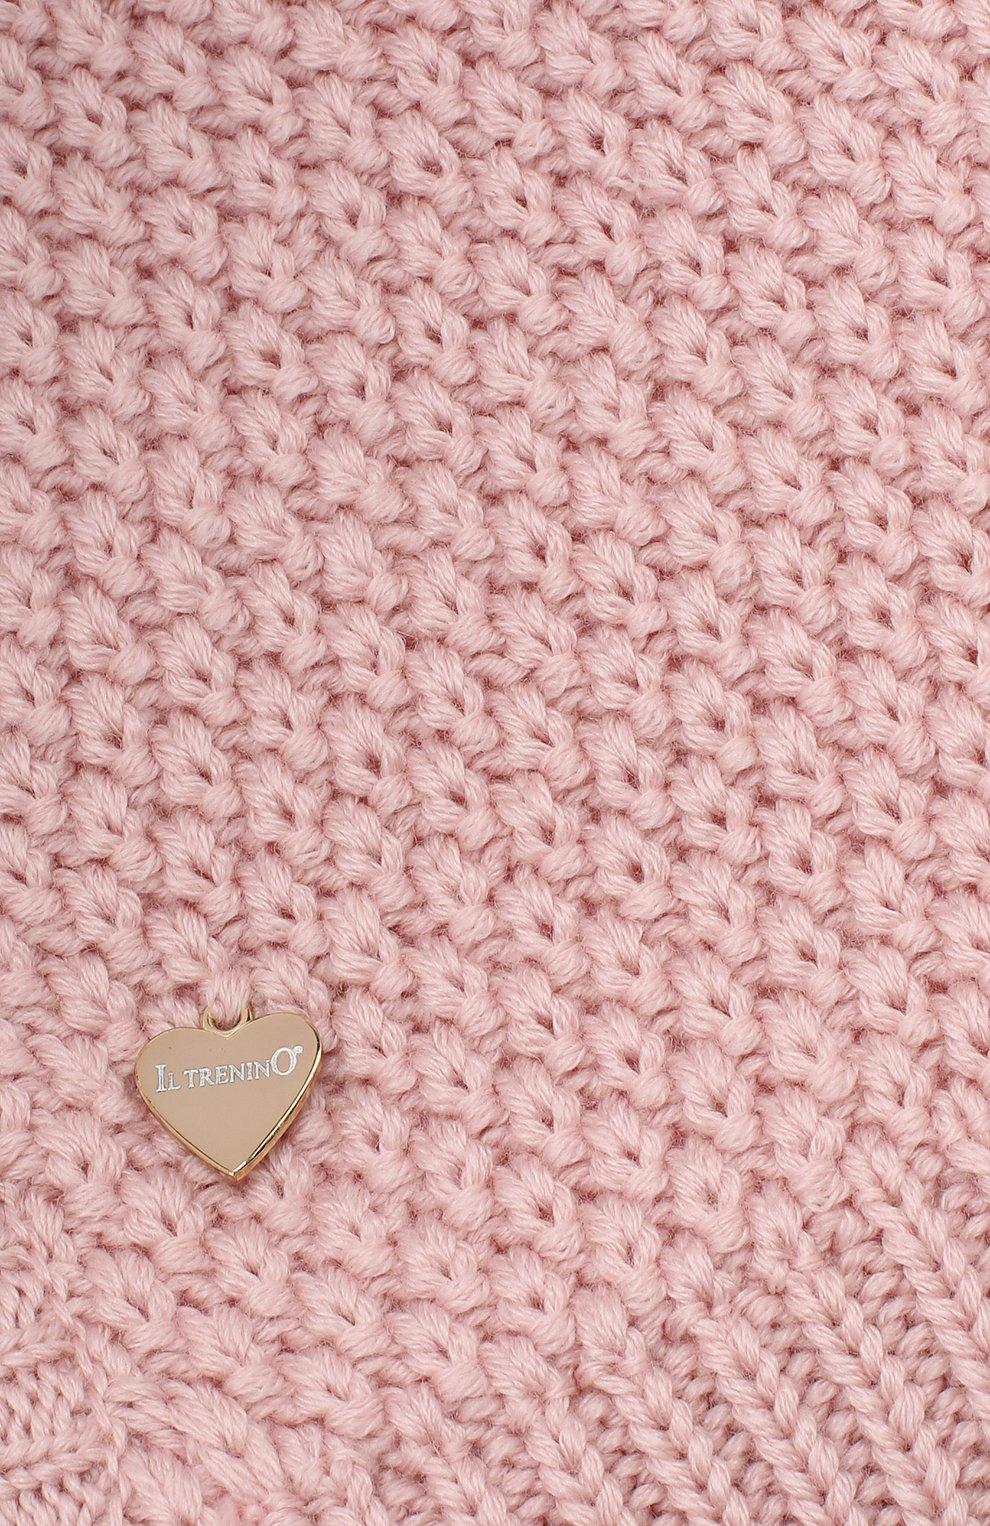 Детского шерстяная шапка-балаклава IL TRENINO розового цвета, арт. 19 5970/E0   Фото 3